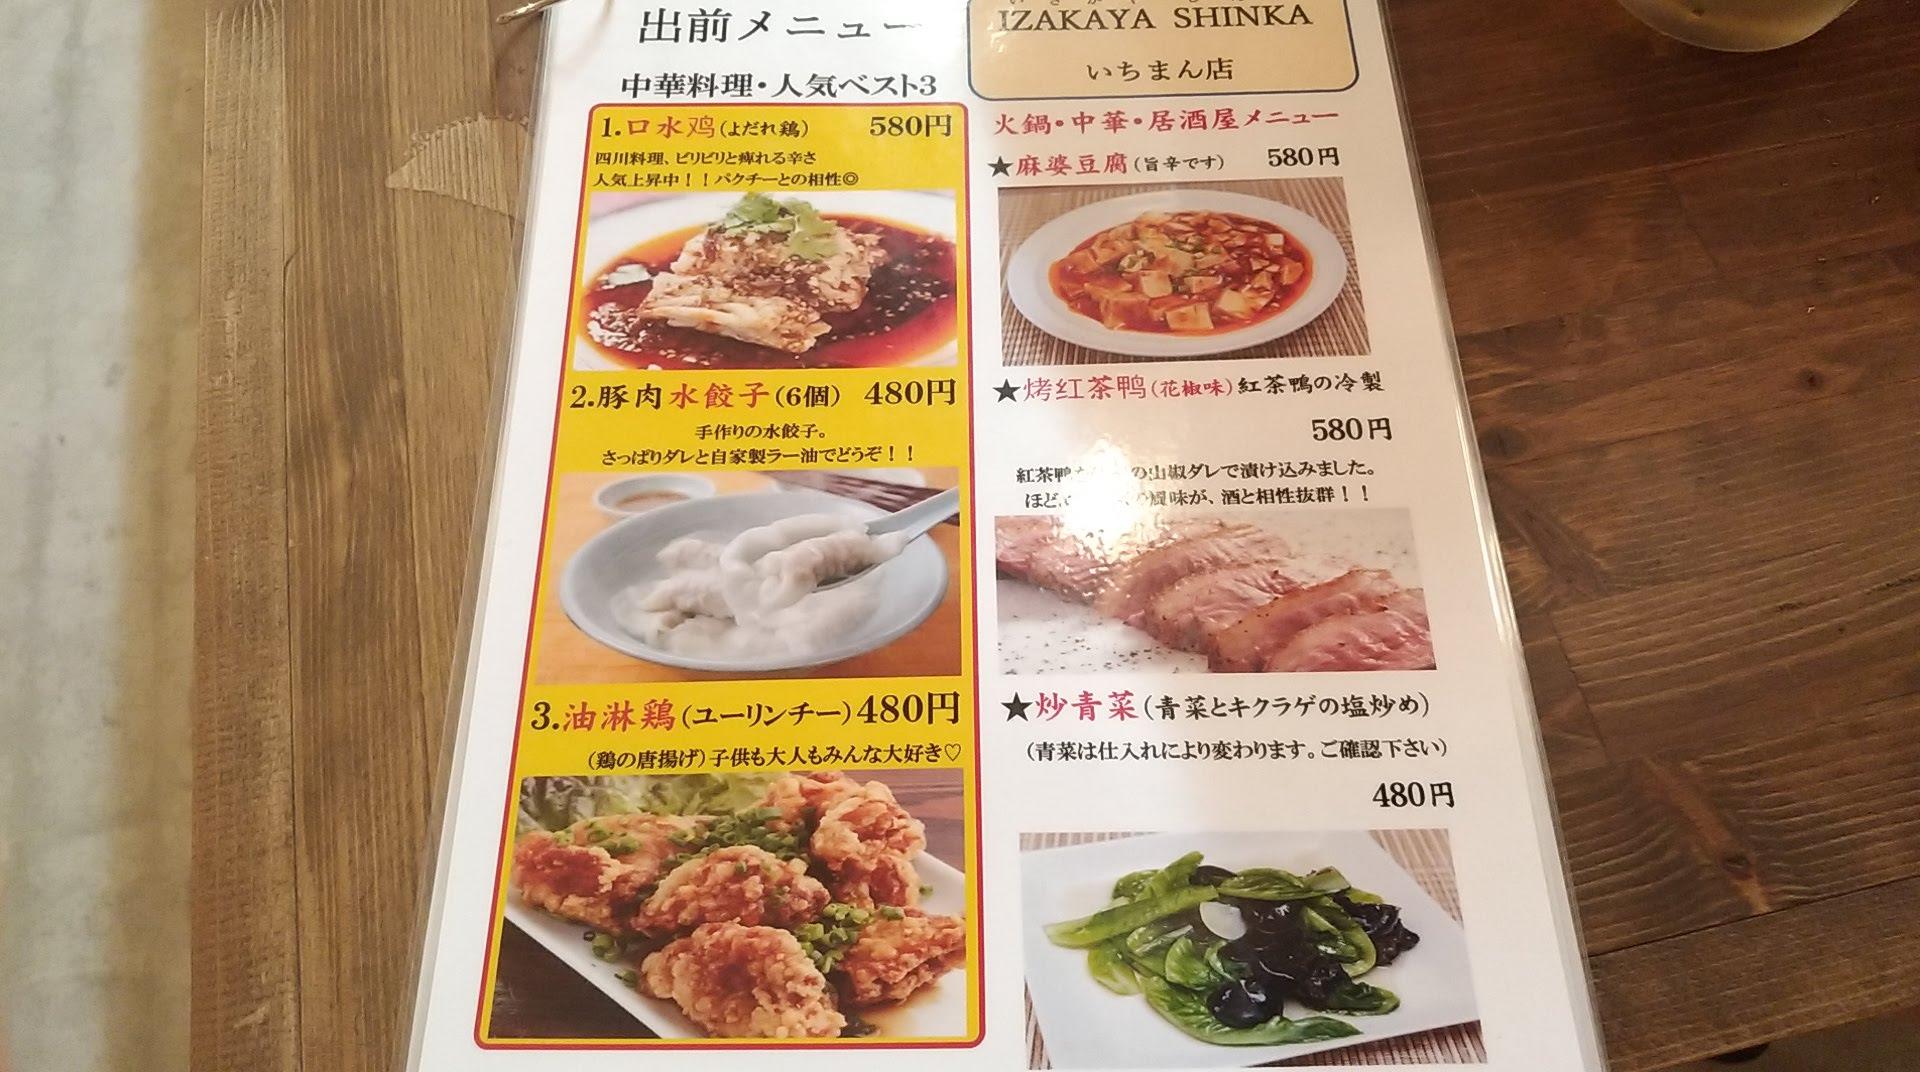 いちまん横丁SHINKAのフードメニュー 2